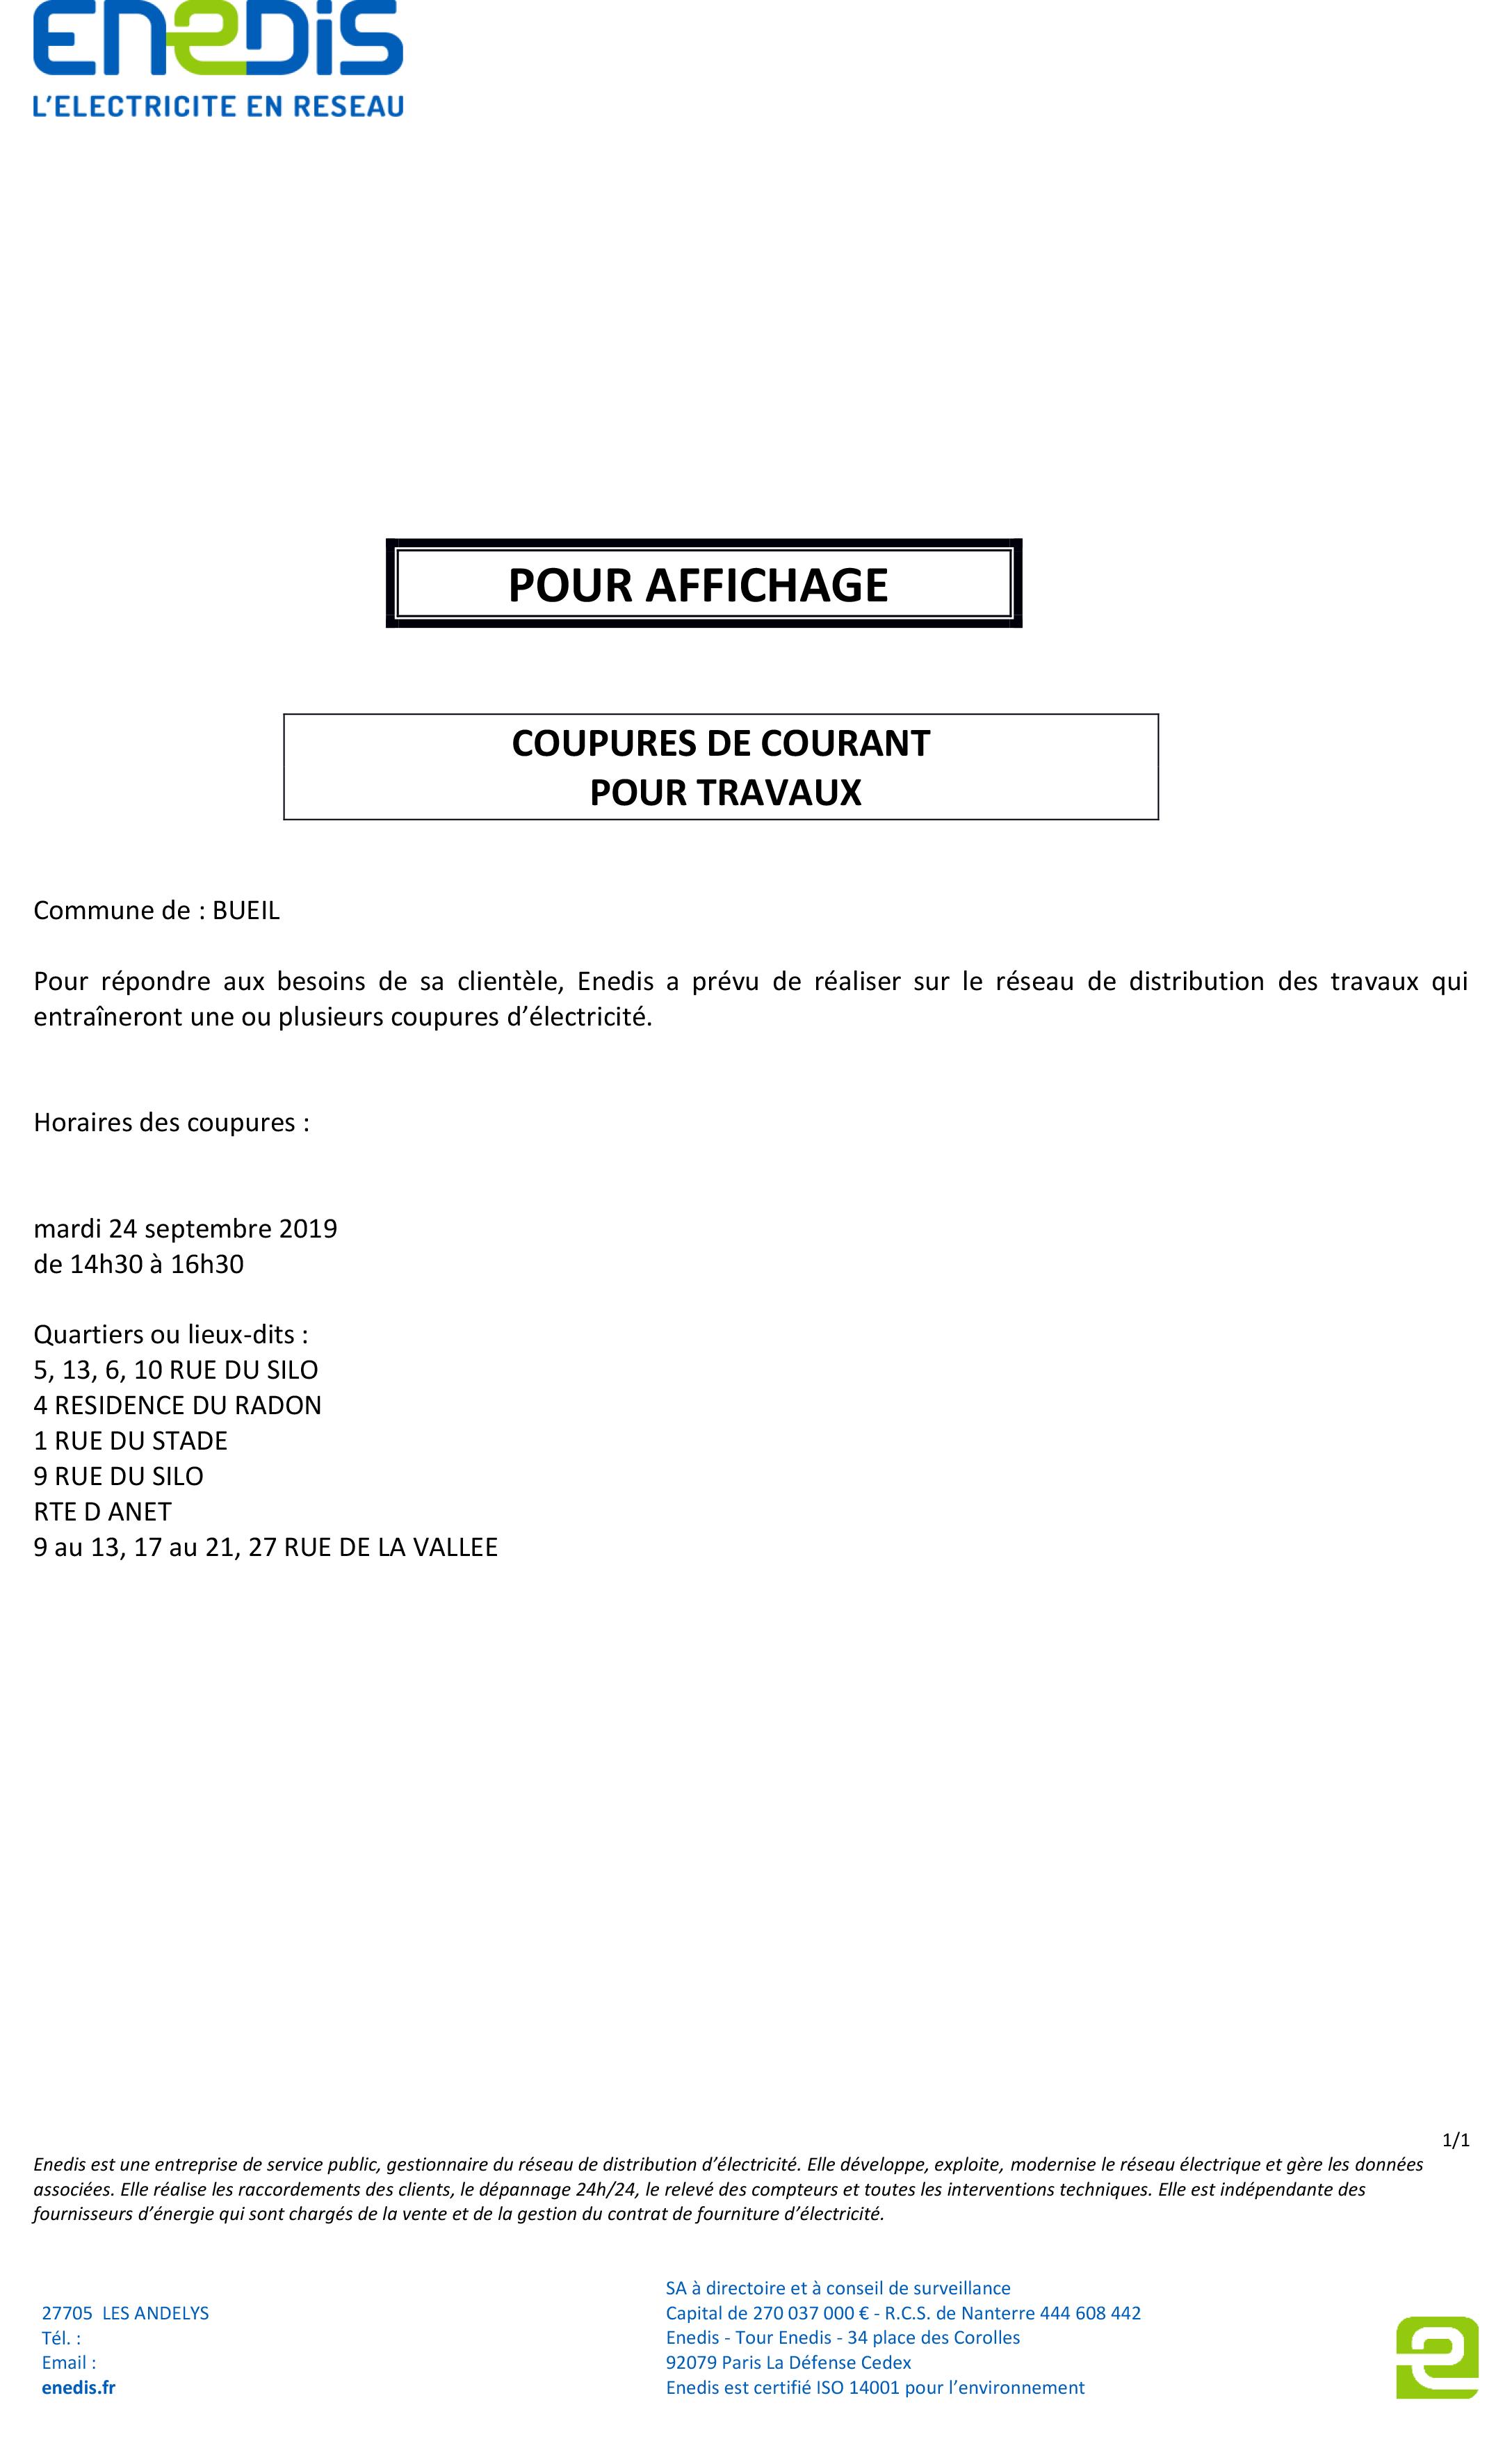 022-AVCT20190819140932.13128-BUEIL-20160901124958_ProgTx-Mairie-PJ-V1